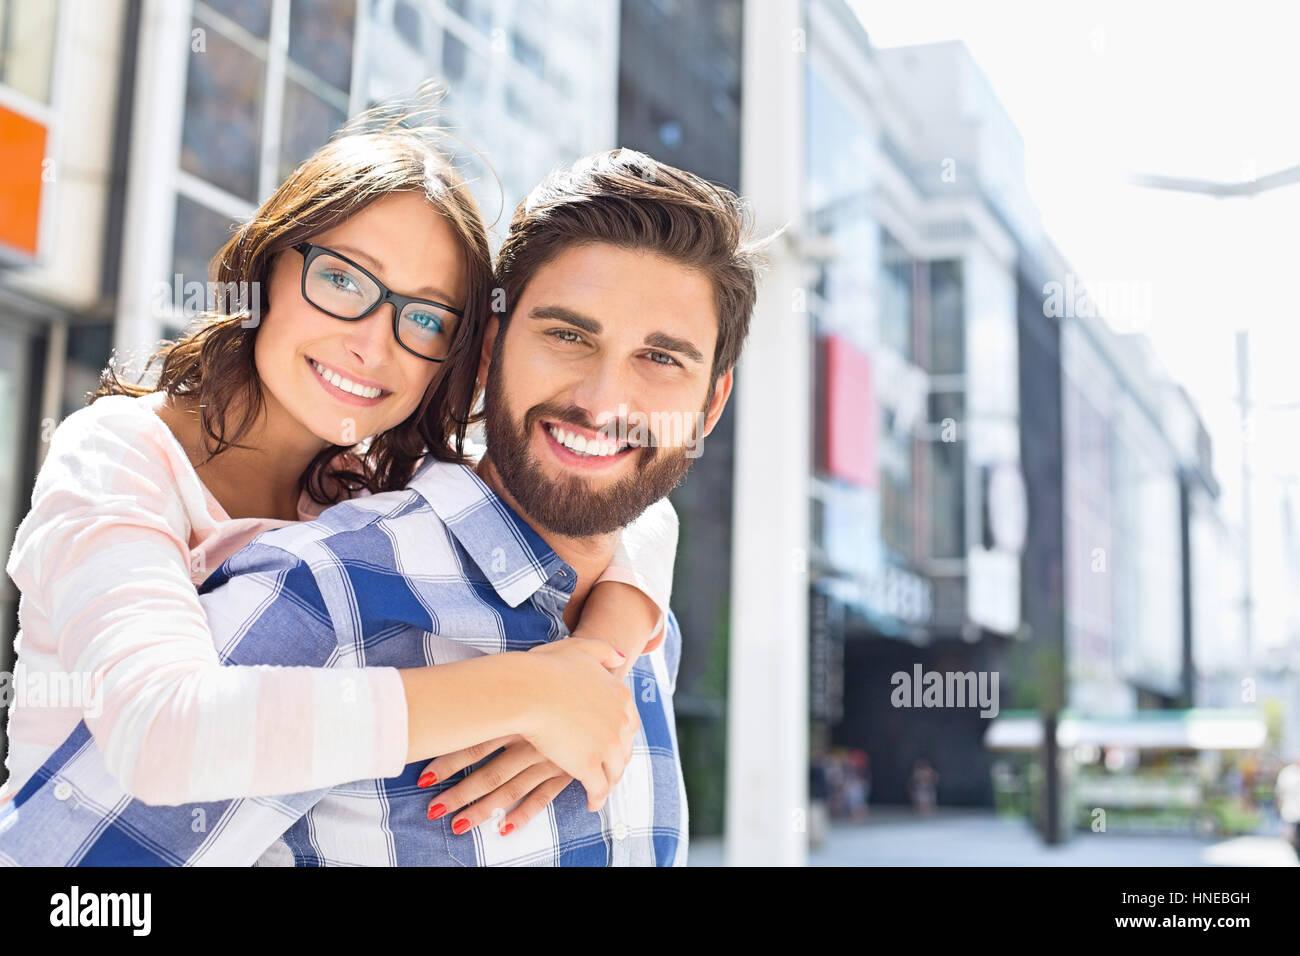 Ritratto di uomo felice dando piggyback ride per donna in città Immagini Stock